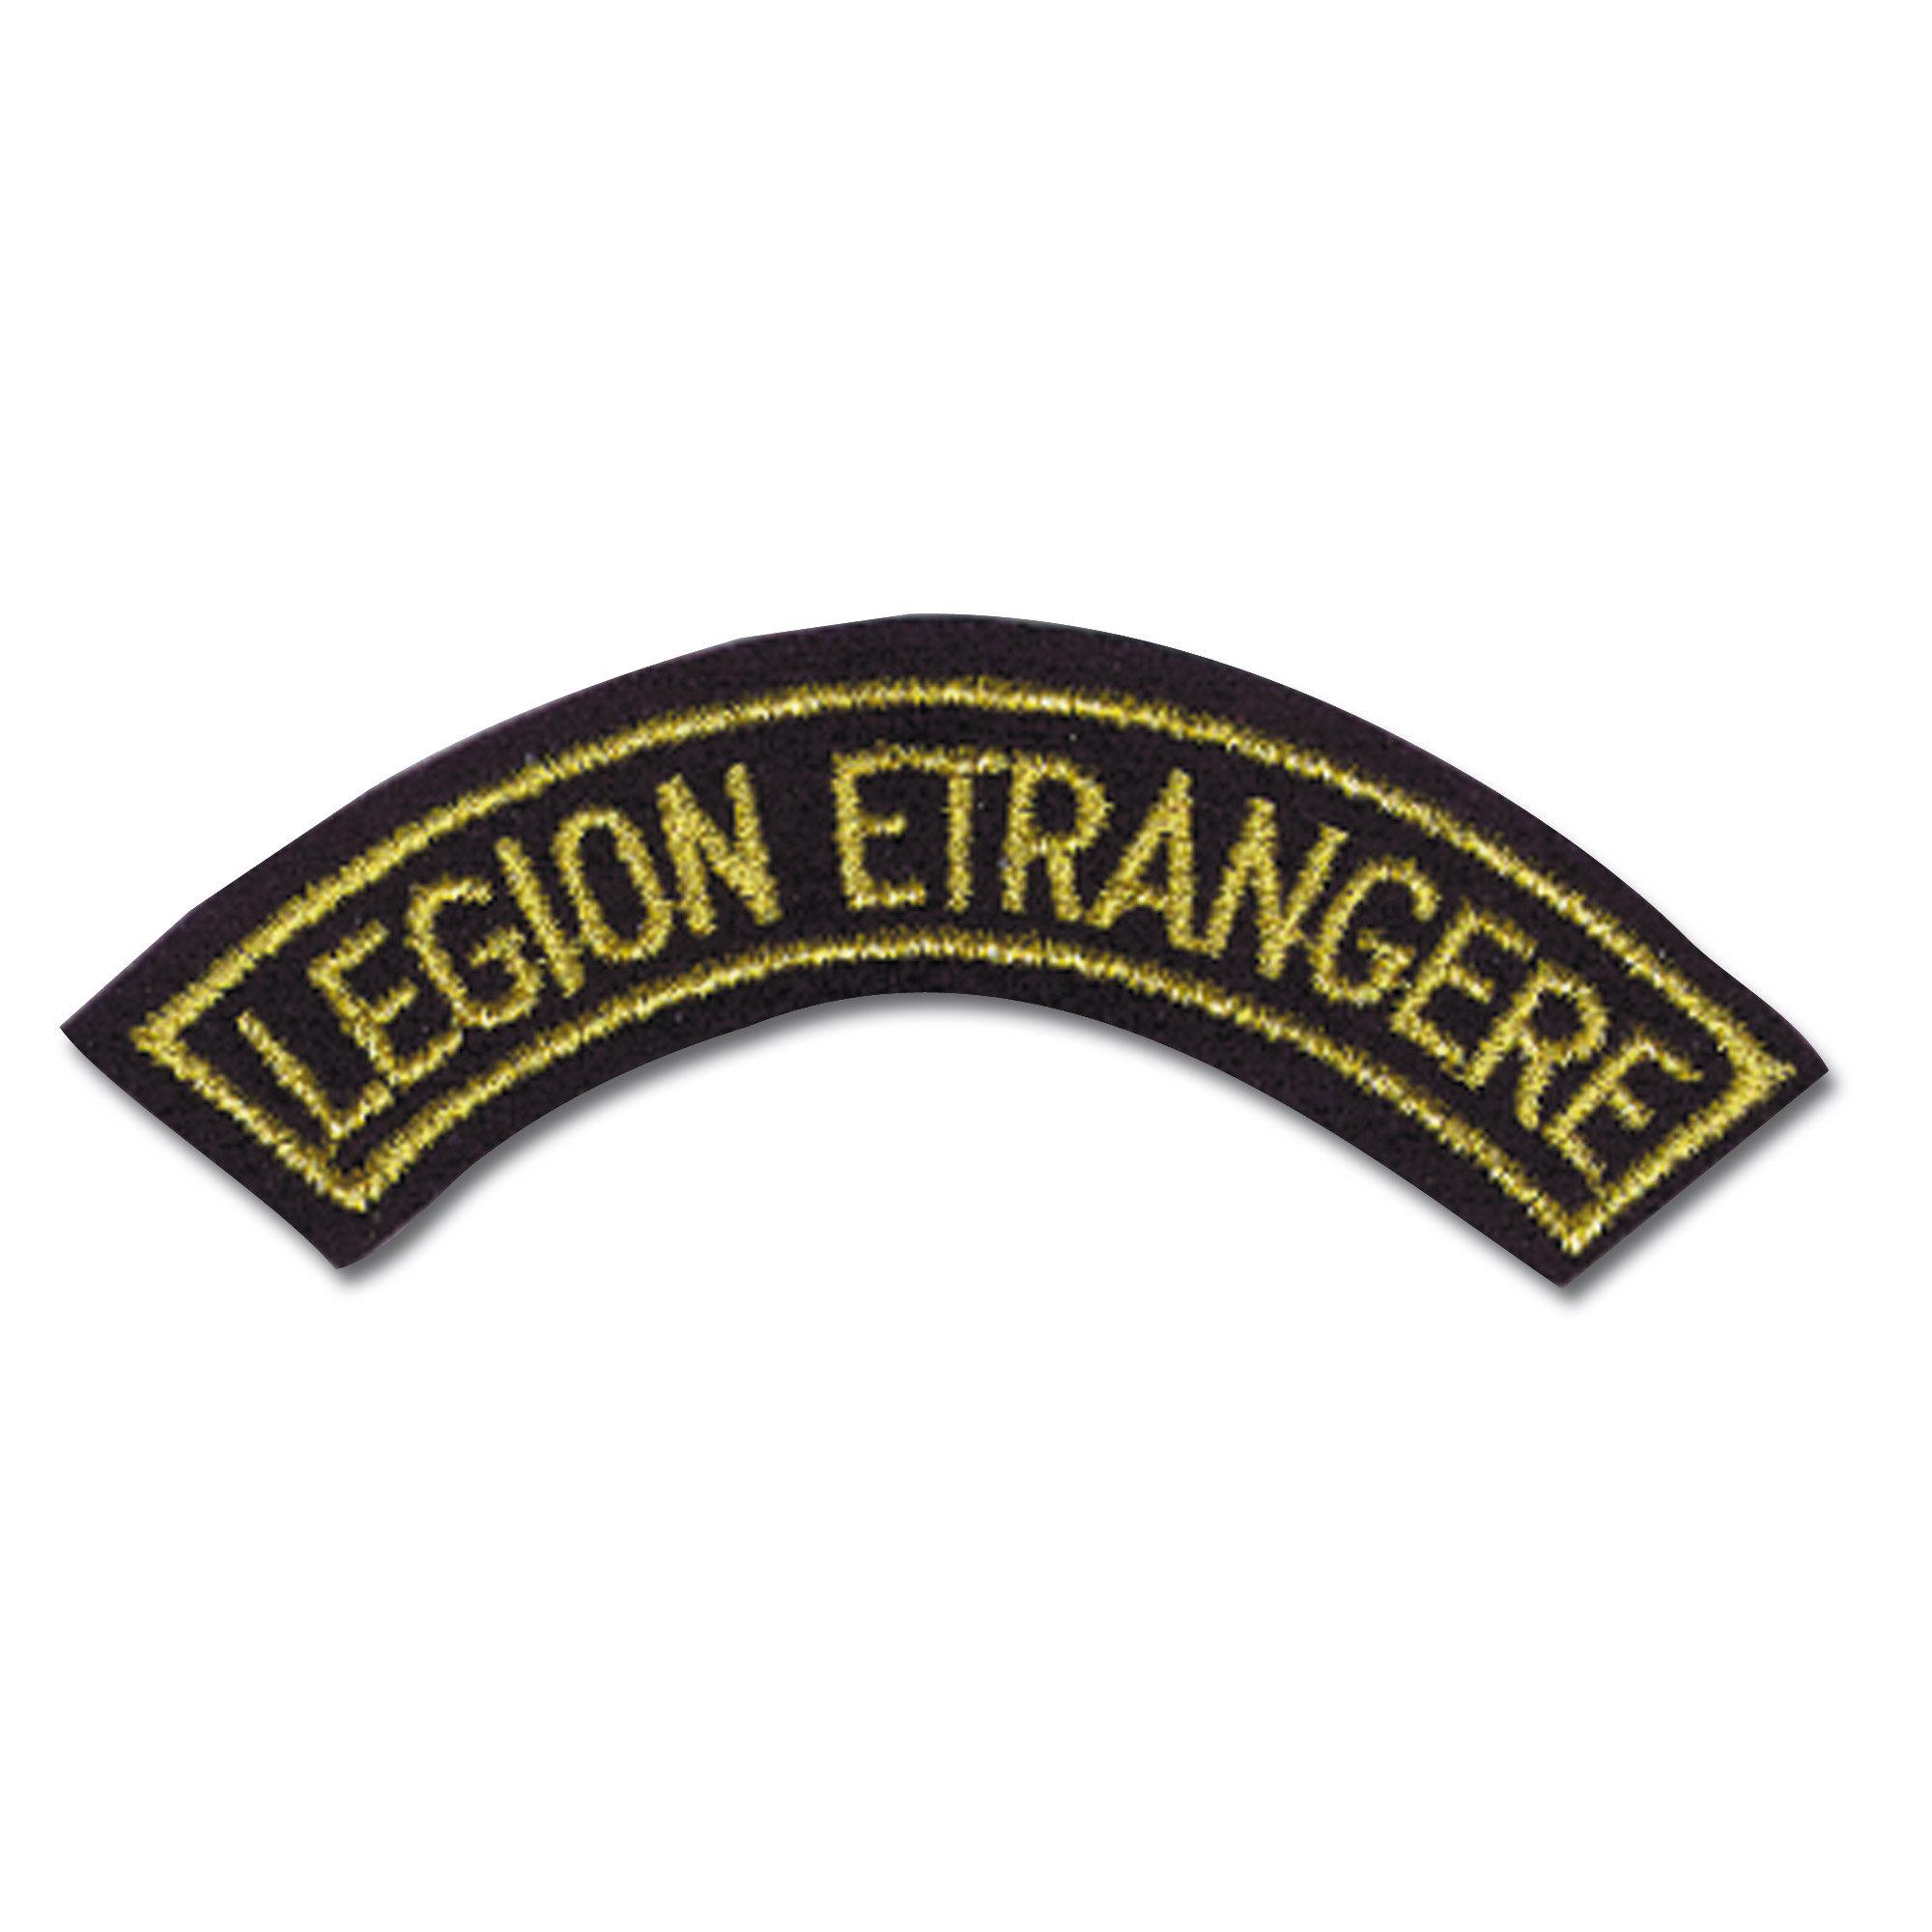 Armabzeichen franz. Legion Etrangere